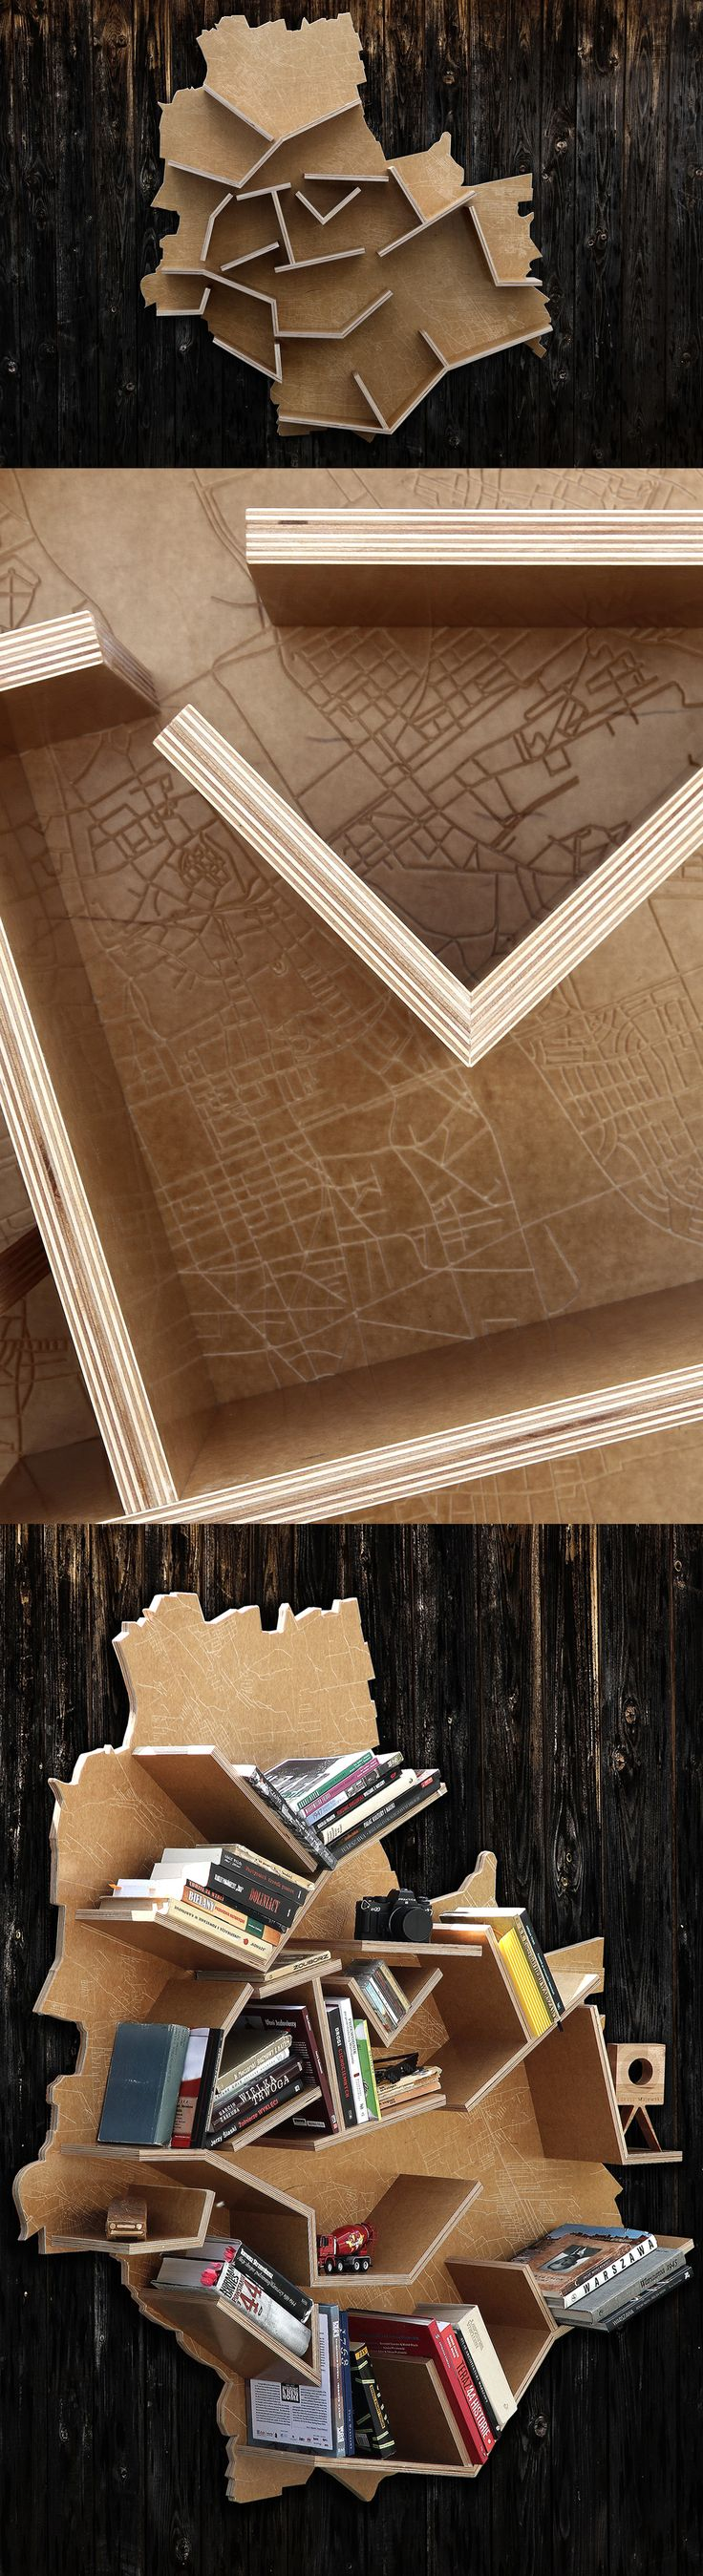 www.rzemisolo.pro www.facebook.com/rzemioslo.pro #rzemioslo #rzemioslo_pro #regał #półka #meble #warsaw #warszawa #plan #mapa #cnc #laser #co2 #design #ozdoba